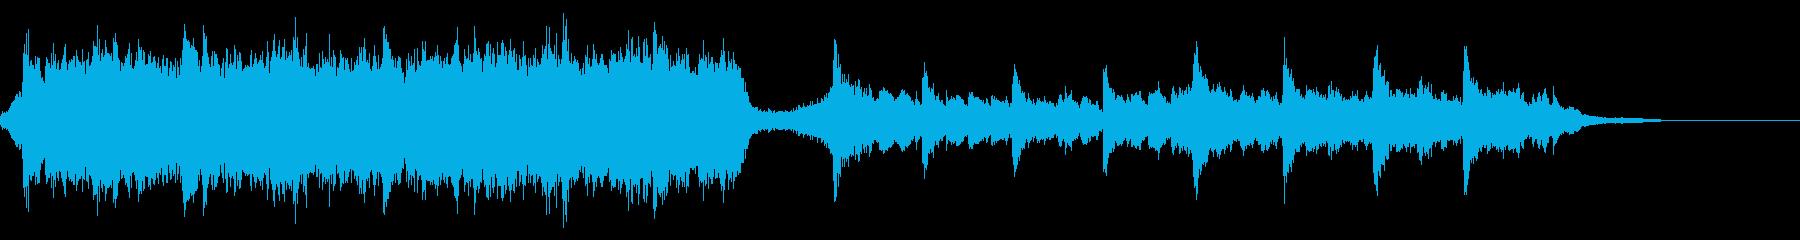 ハリウッド映画風の壮大なオーケストラ6Bの再生済みの波形